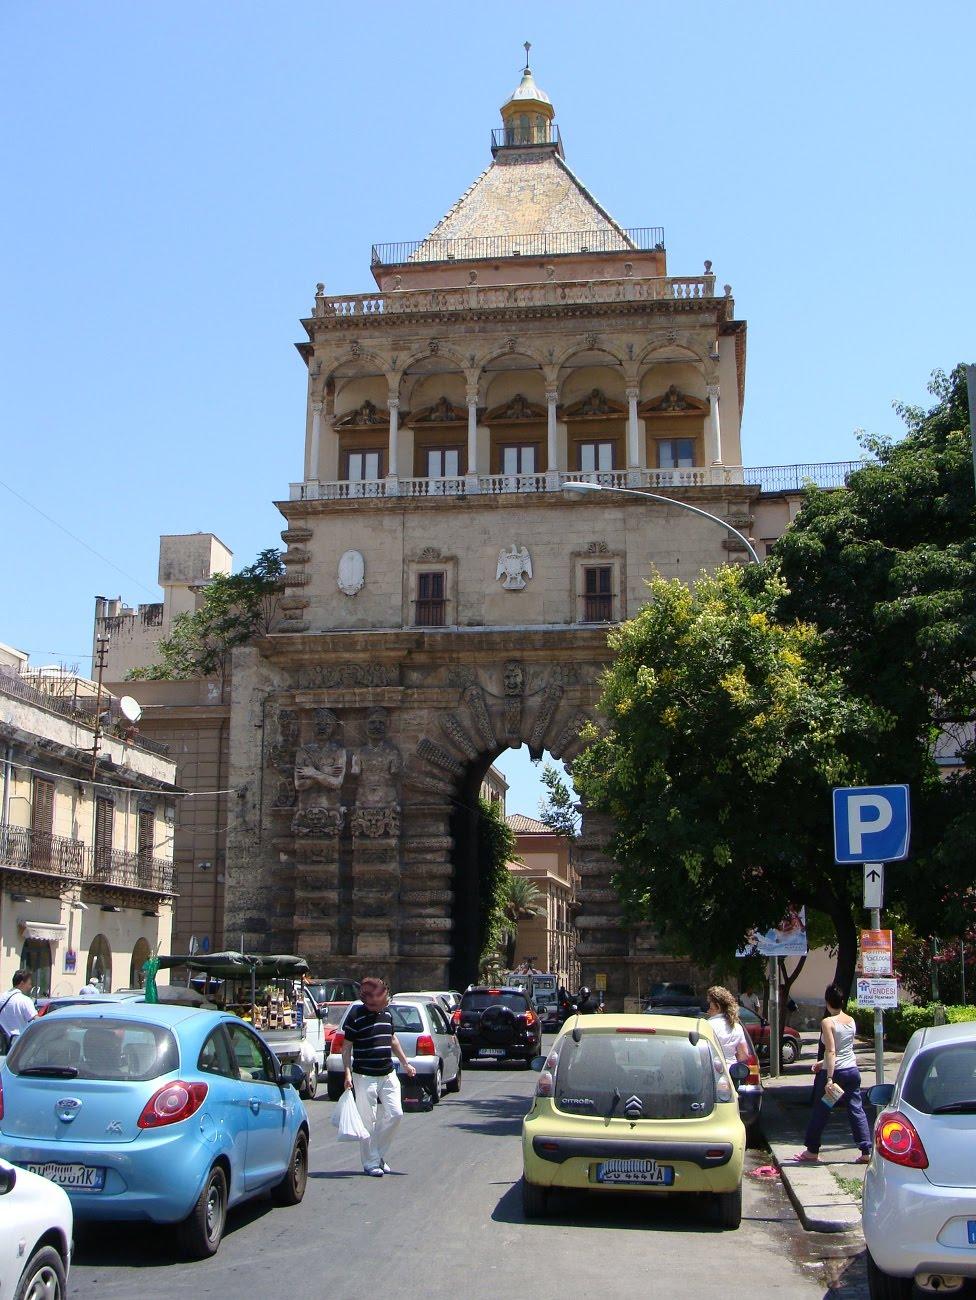 Palermo e dintorni ma anche le antiche porte di palermo - Porte a palermo ...